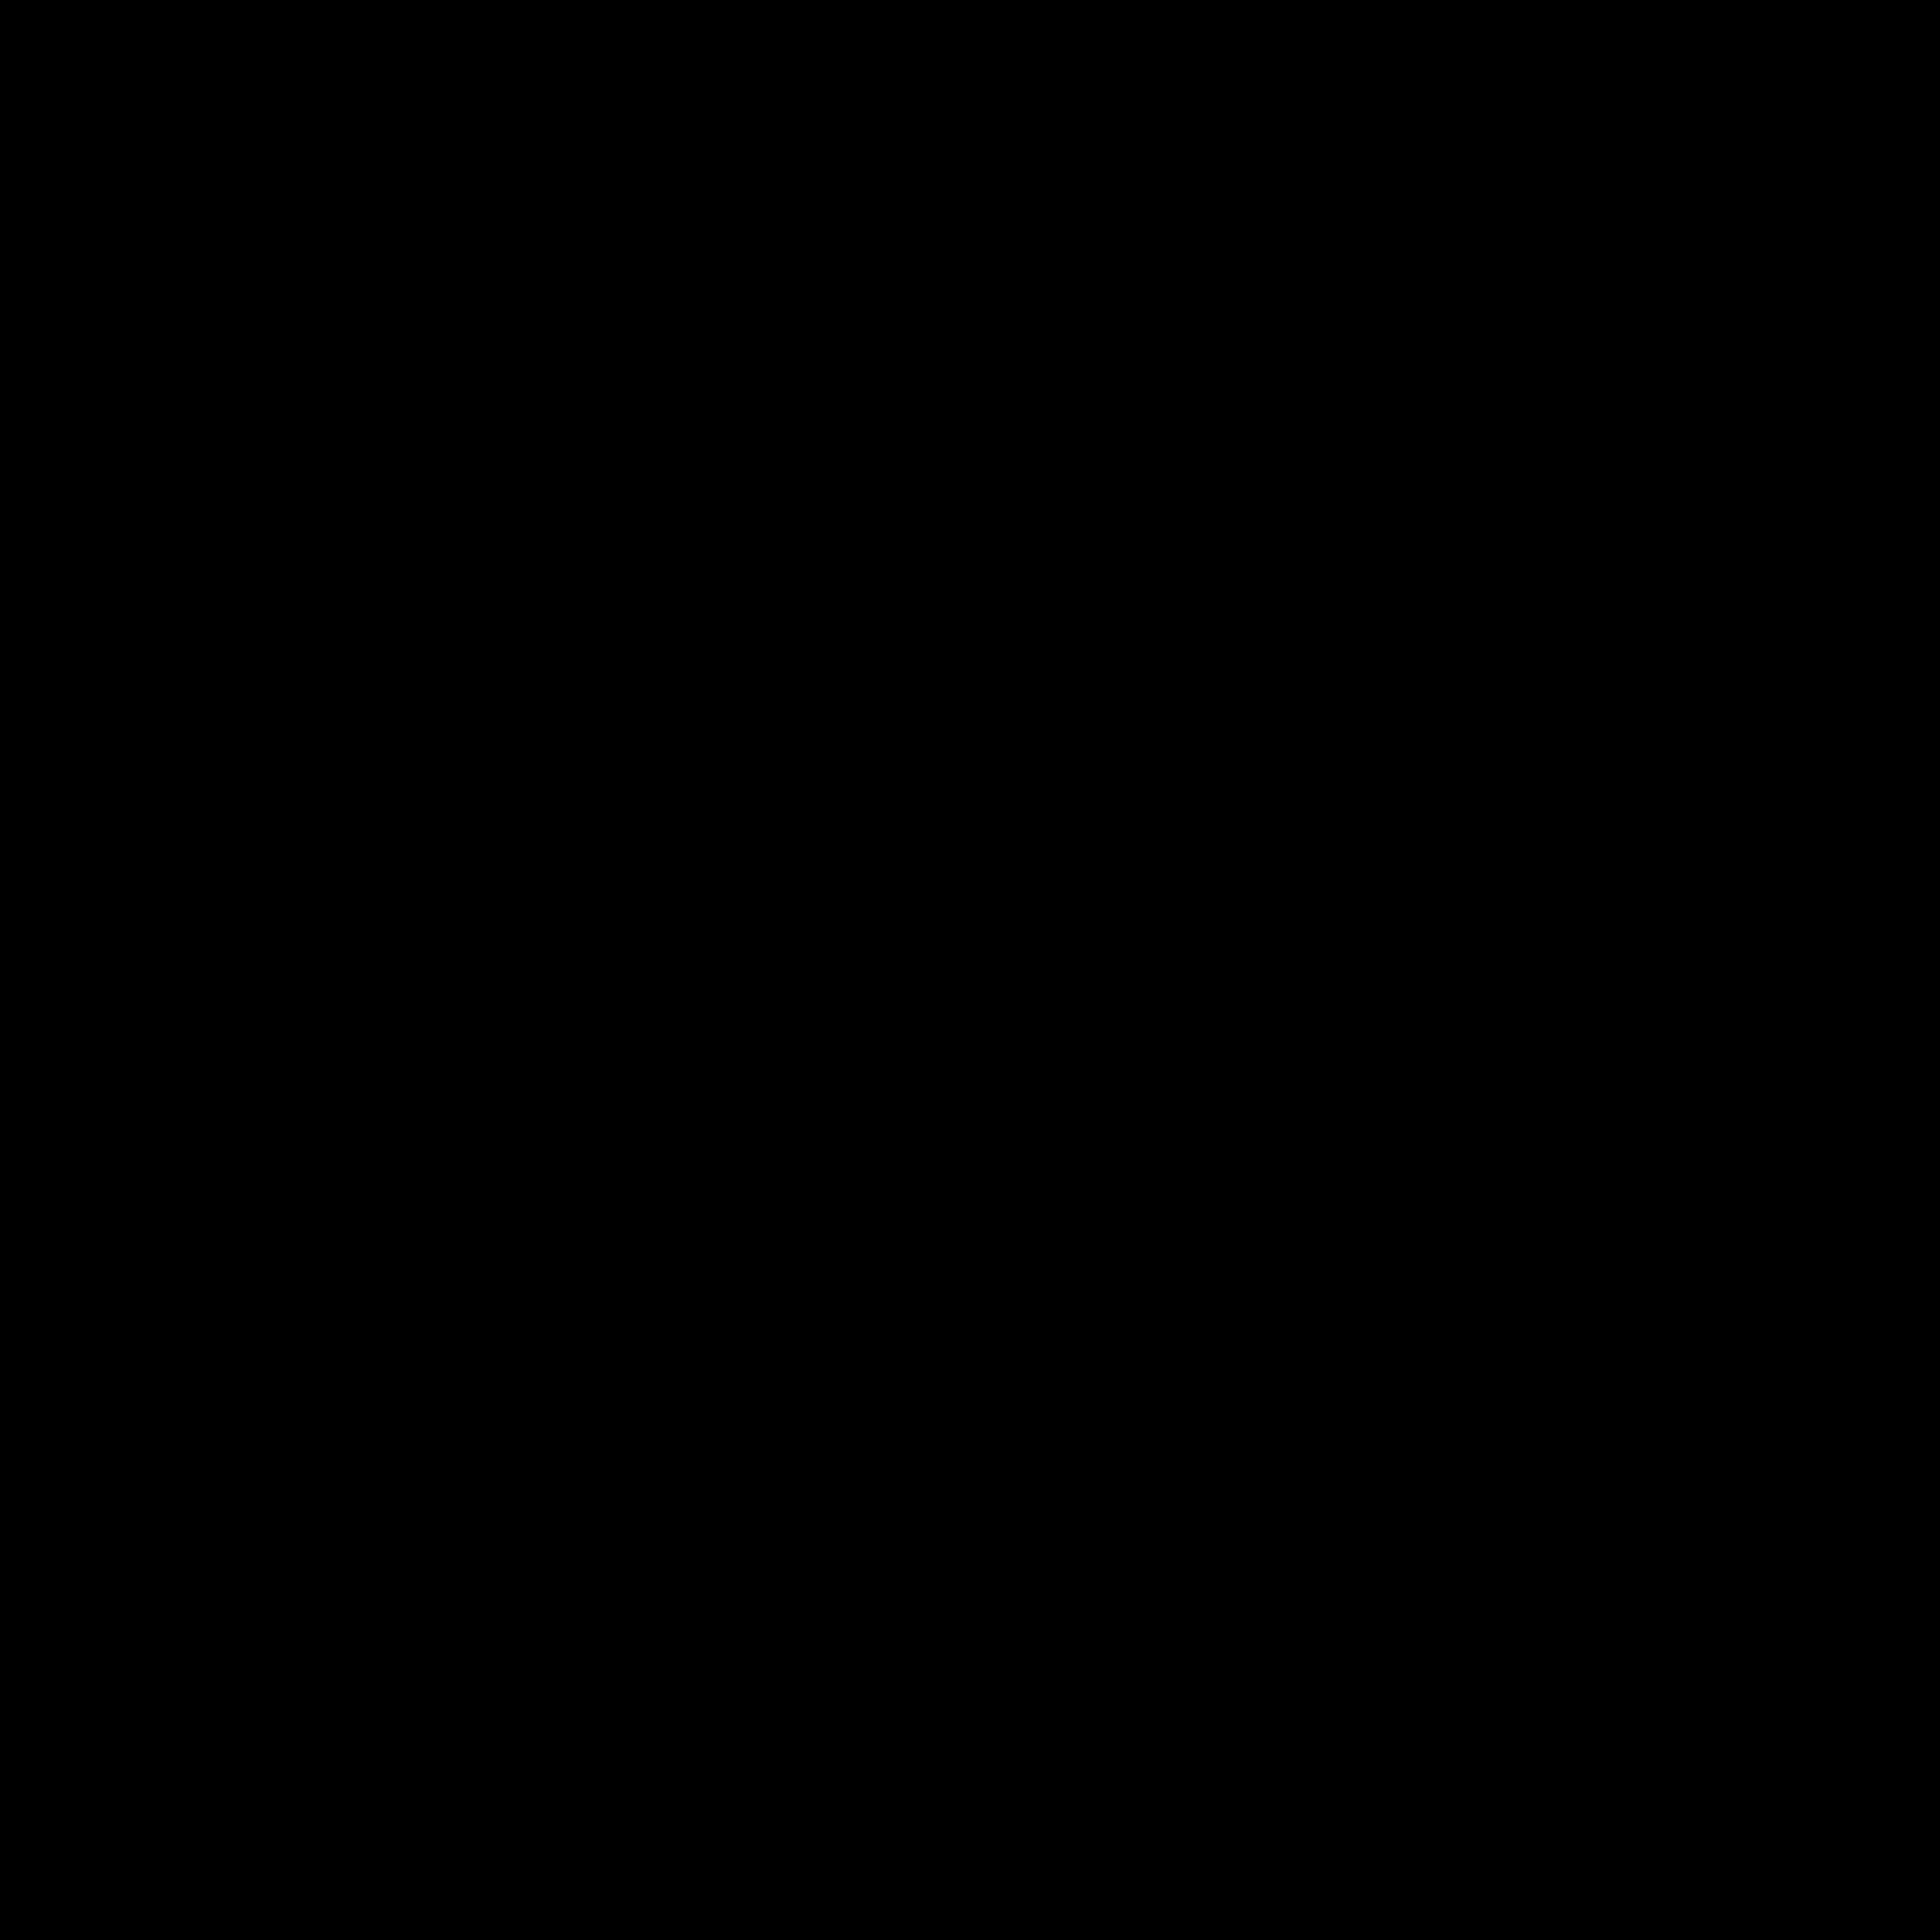 Artengo Badmintonracket Artengo BR 990 P voor volwassenen oranje